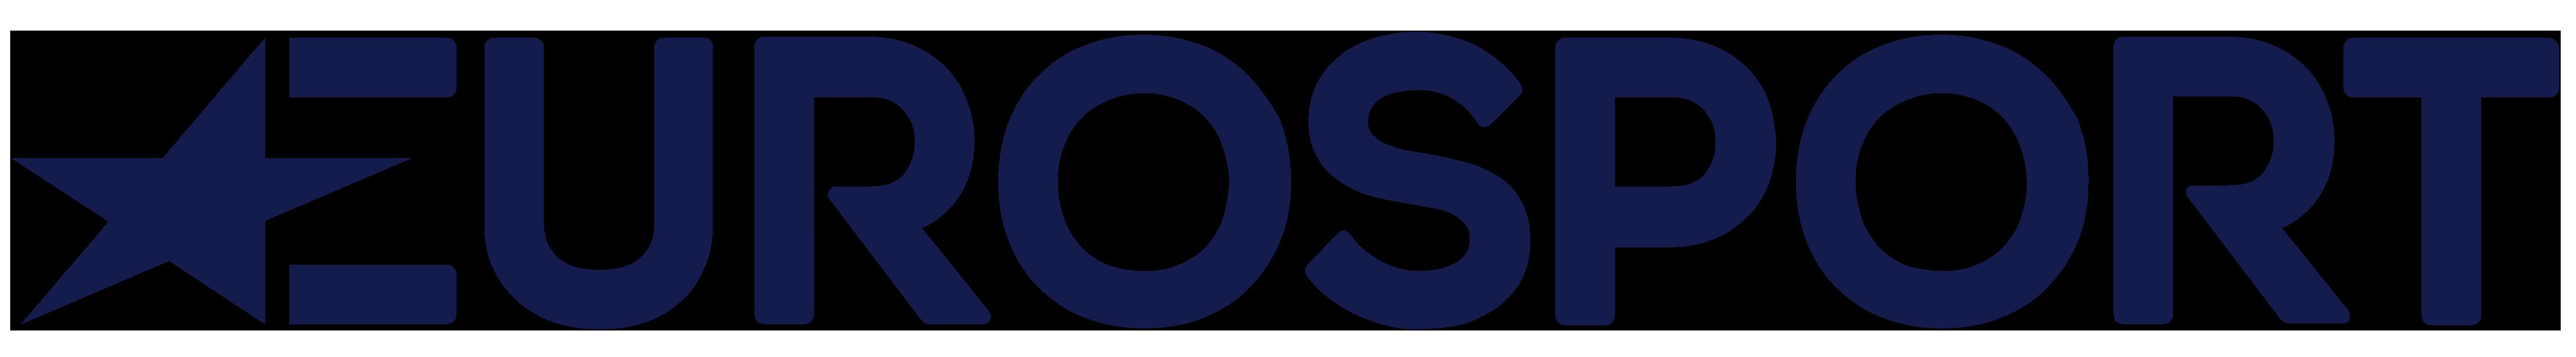 Risultati immagini per eurosport logo png